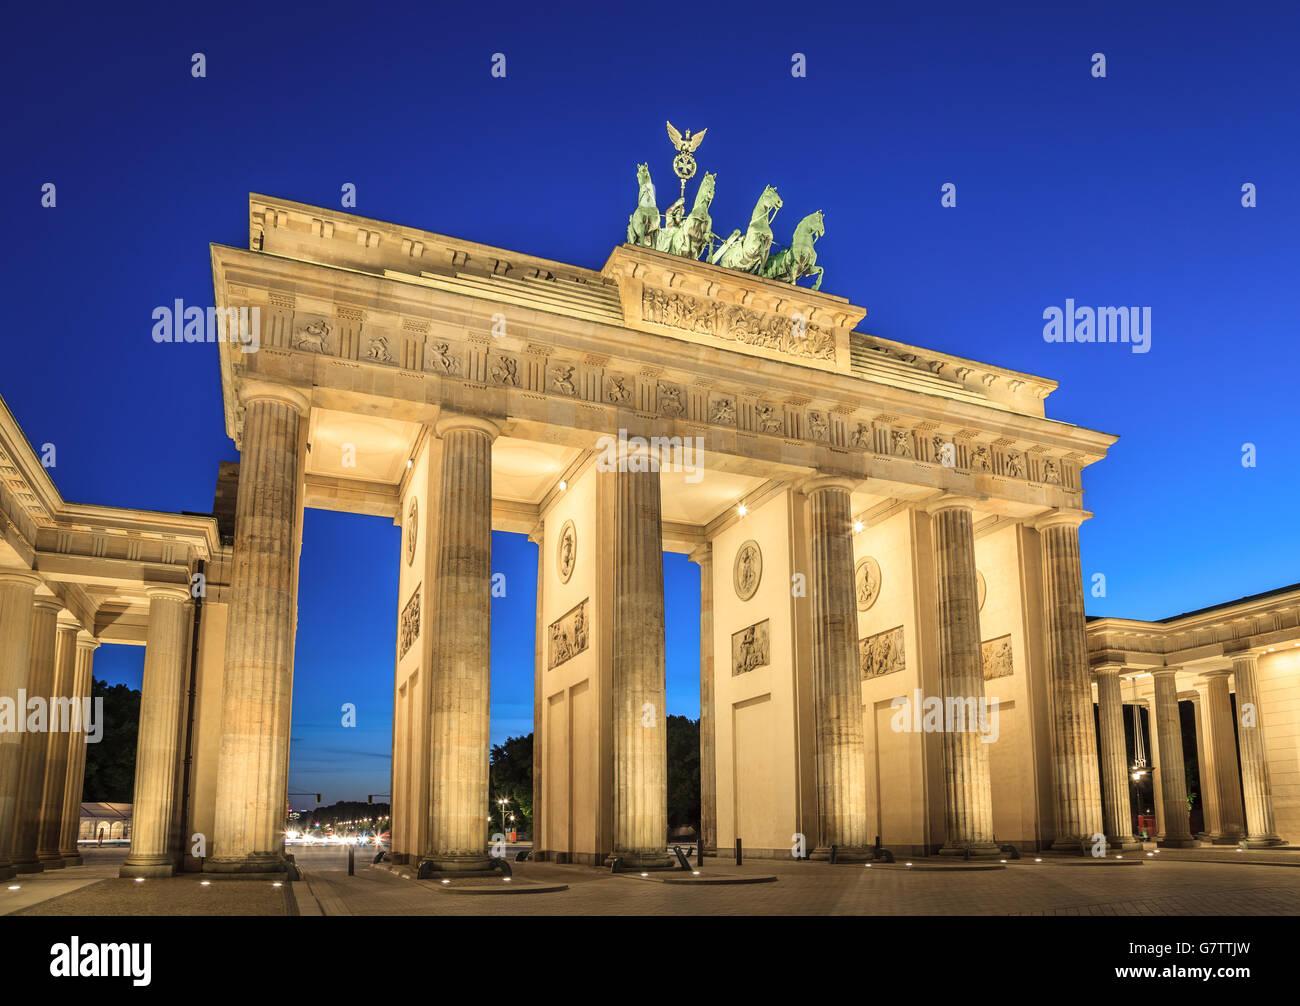 Puerta de Brandeburgo, Berlín, Alemania Imagen De Stock